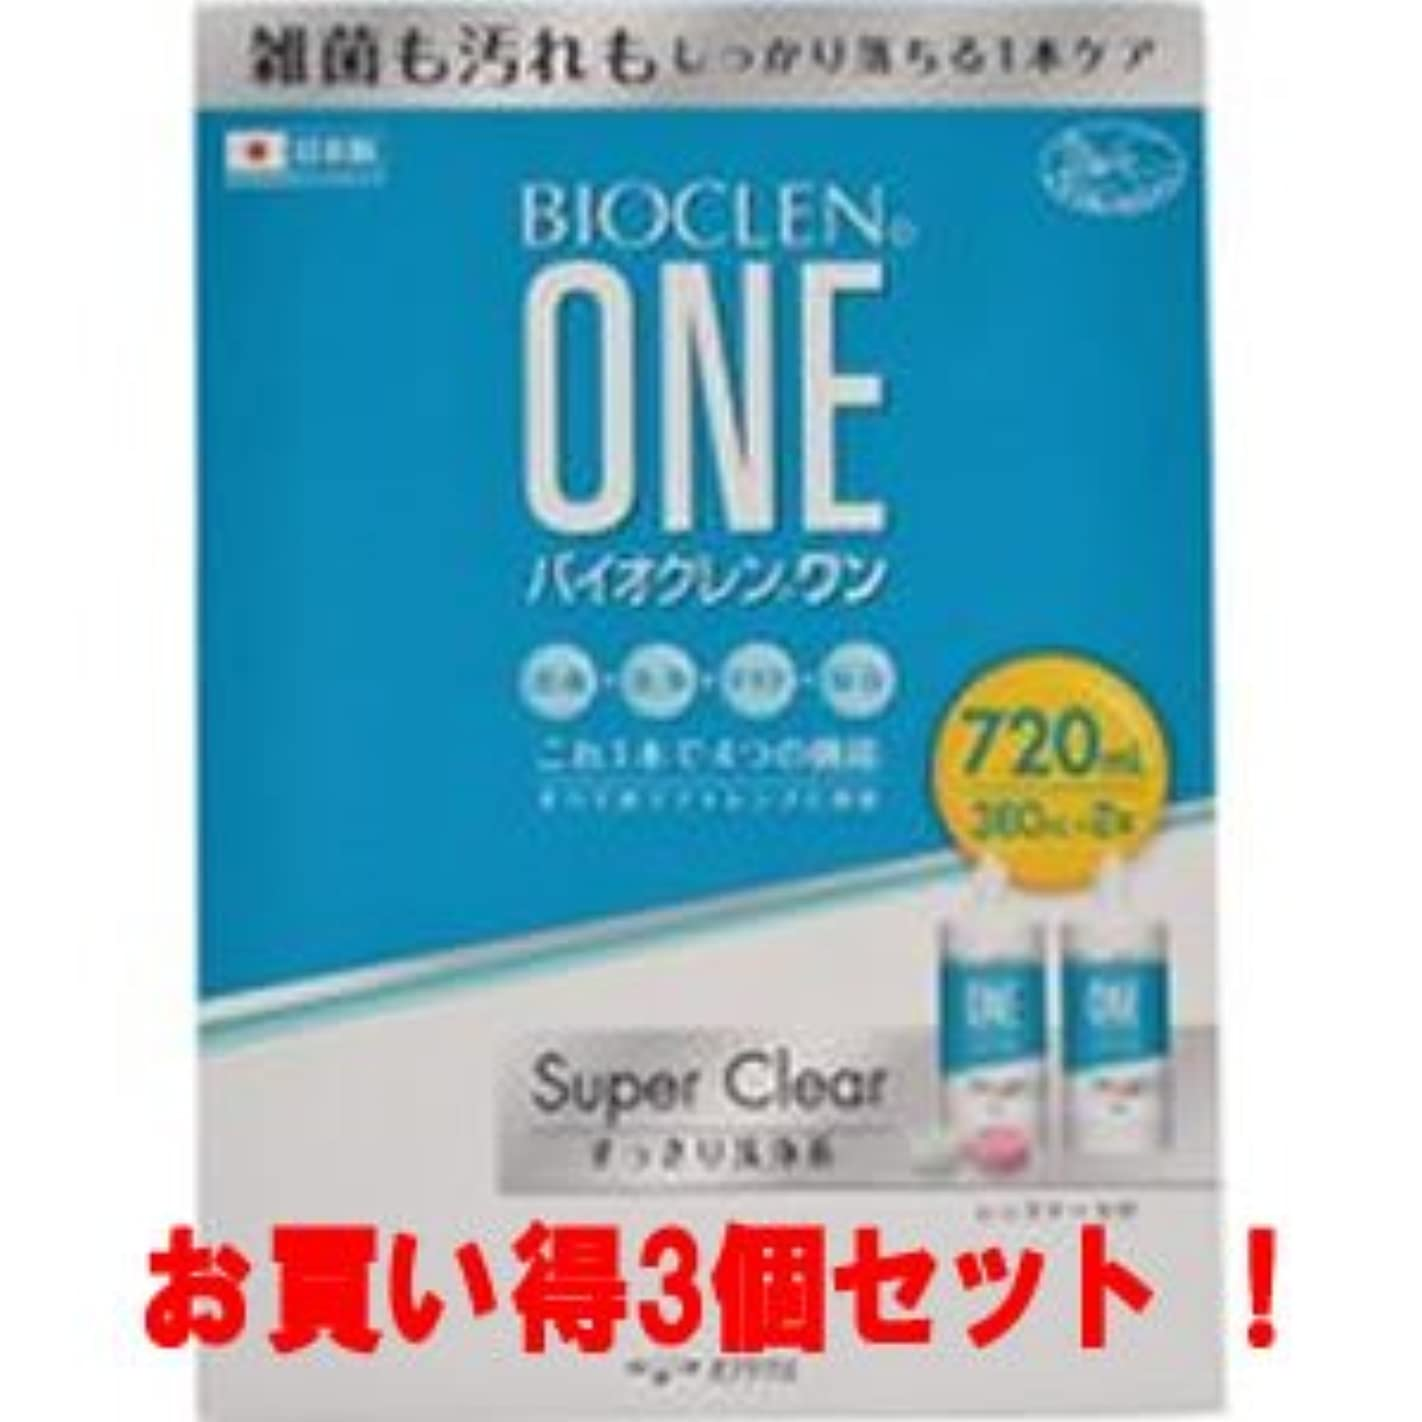 パン屋アクセルおもてなし(お買い得3個セット)オフテクス バイオクレン ワン スーパークリア 360ml×2本(医薬部外品)